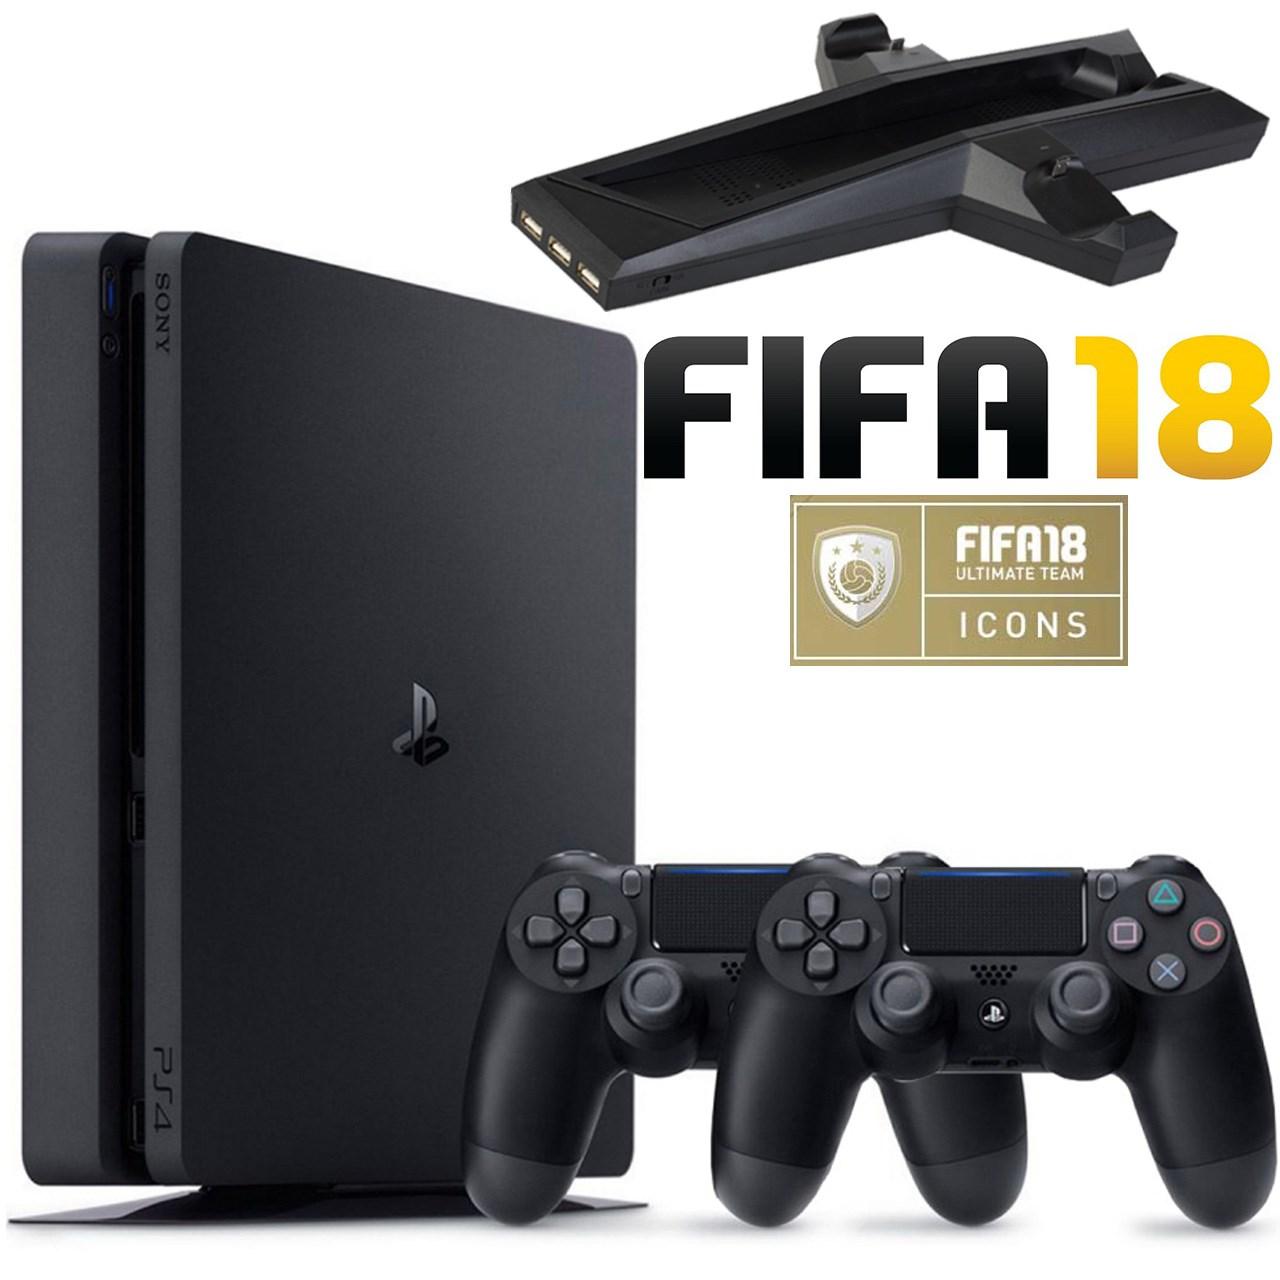 مجموعه کنسول بازی سونی مدل Playstation 4 Slim کد CUH-2116B Region 2 - ظرفیت 1 ترابایت